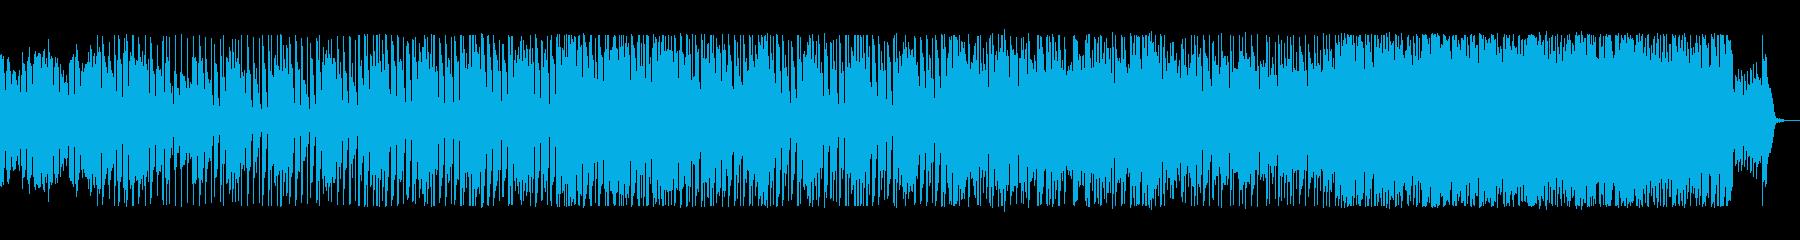 明るい前向きなワクワクするポップな曲の再生済みの波形